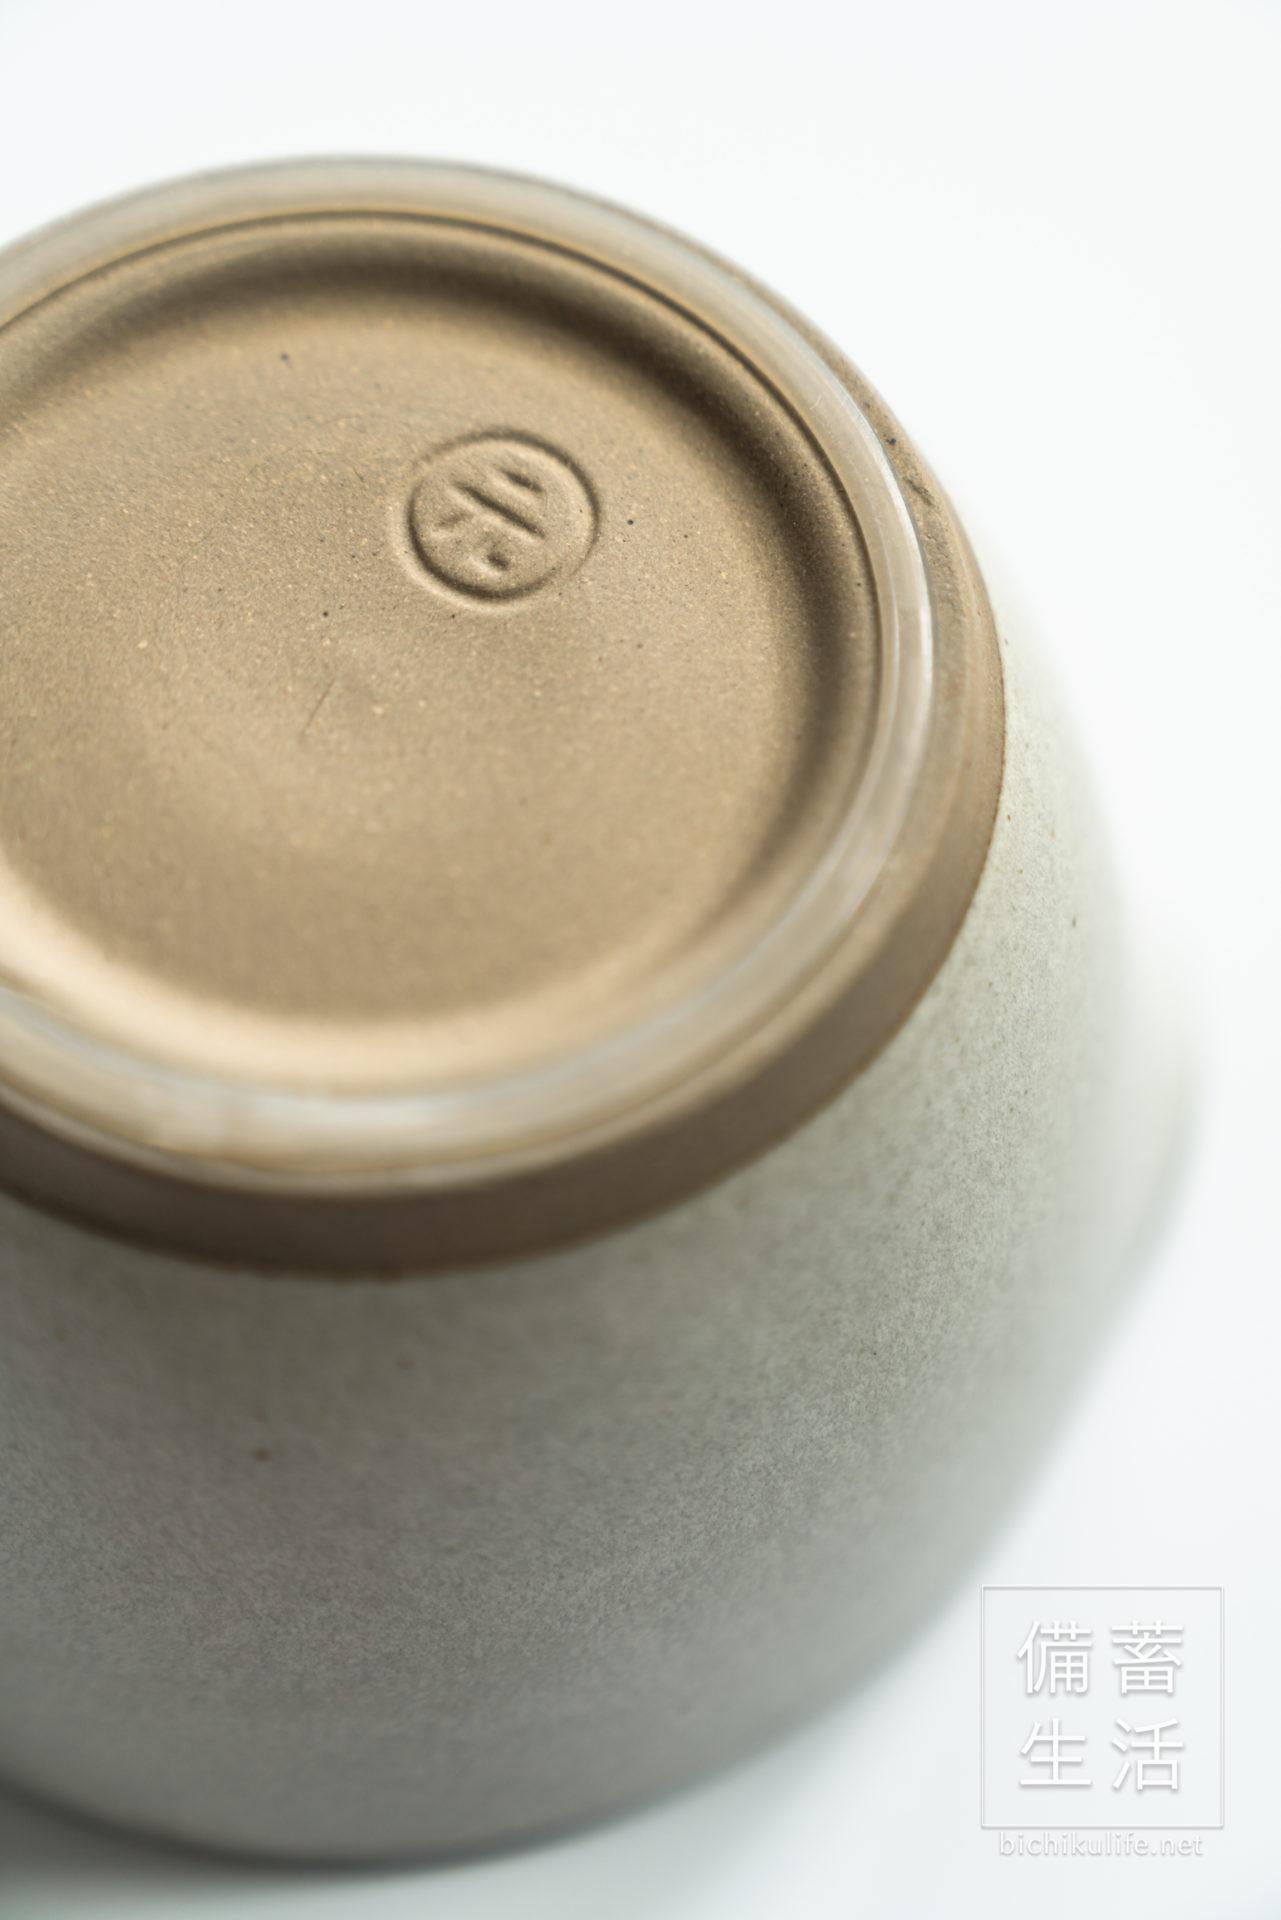 もとしげ 粋なすり鉢(深型)すり鉢専門メーカー 元重製陶所、焼印